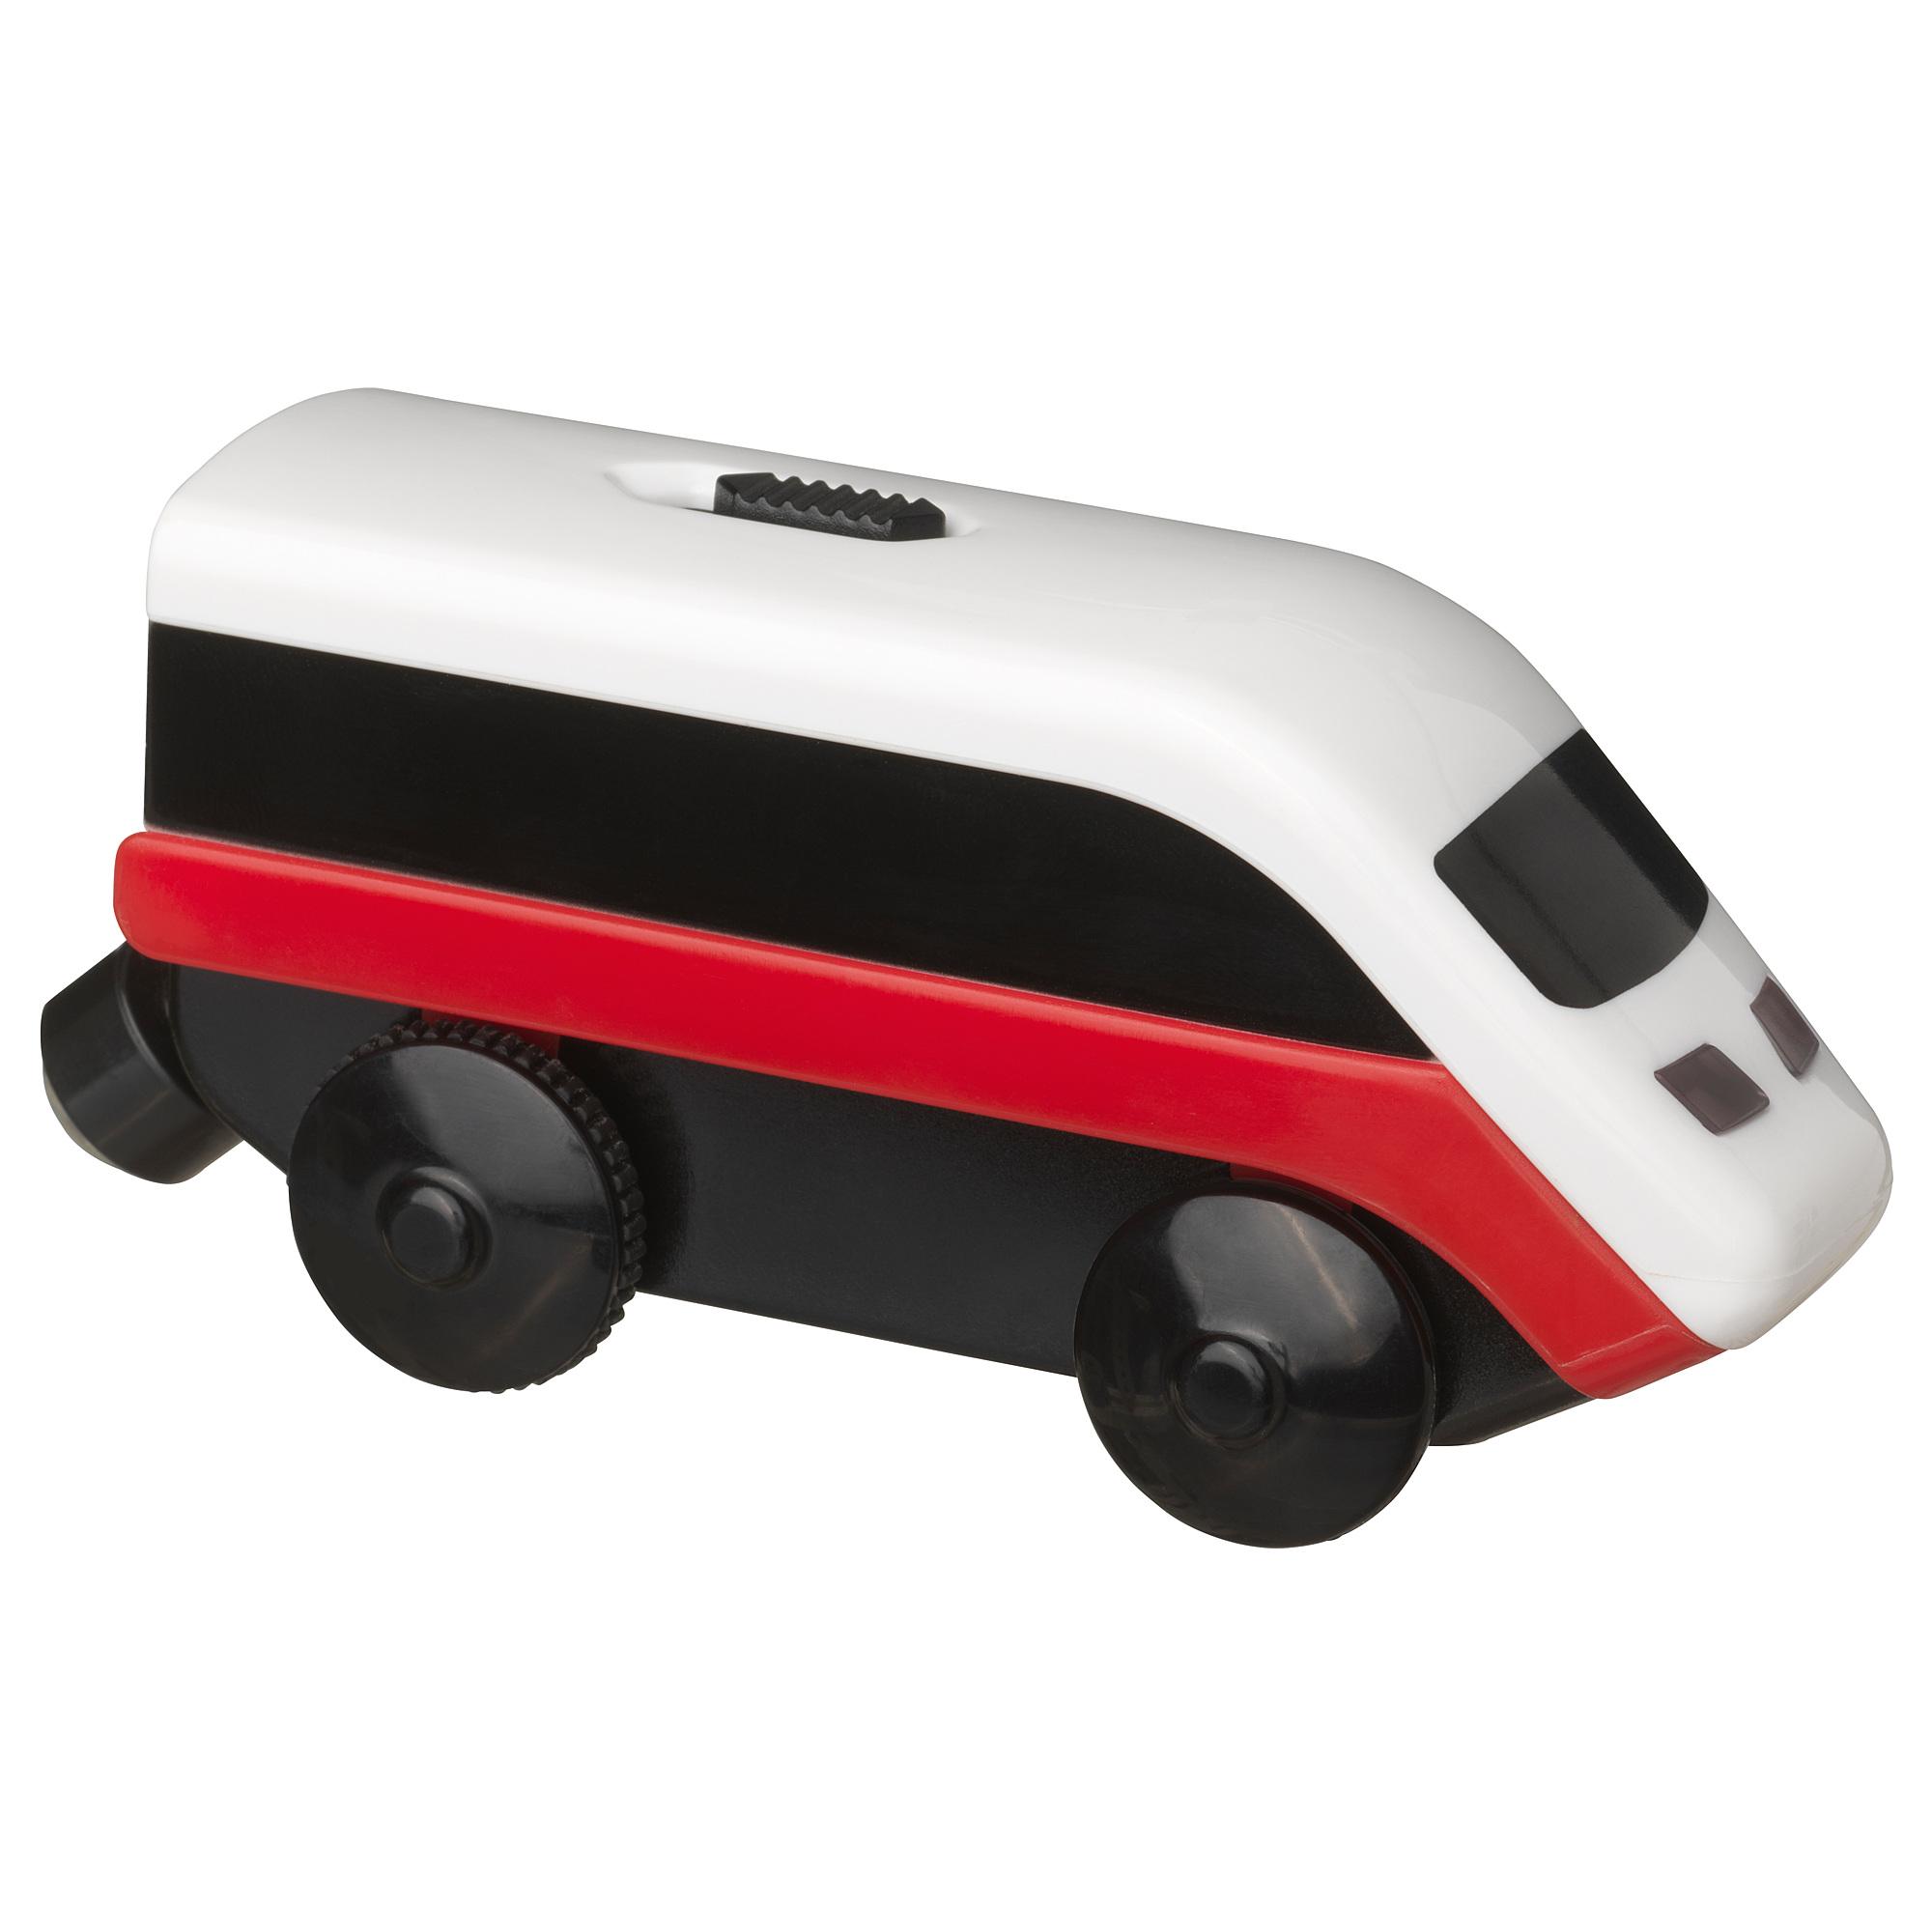 玩具火車頭/電池式,